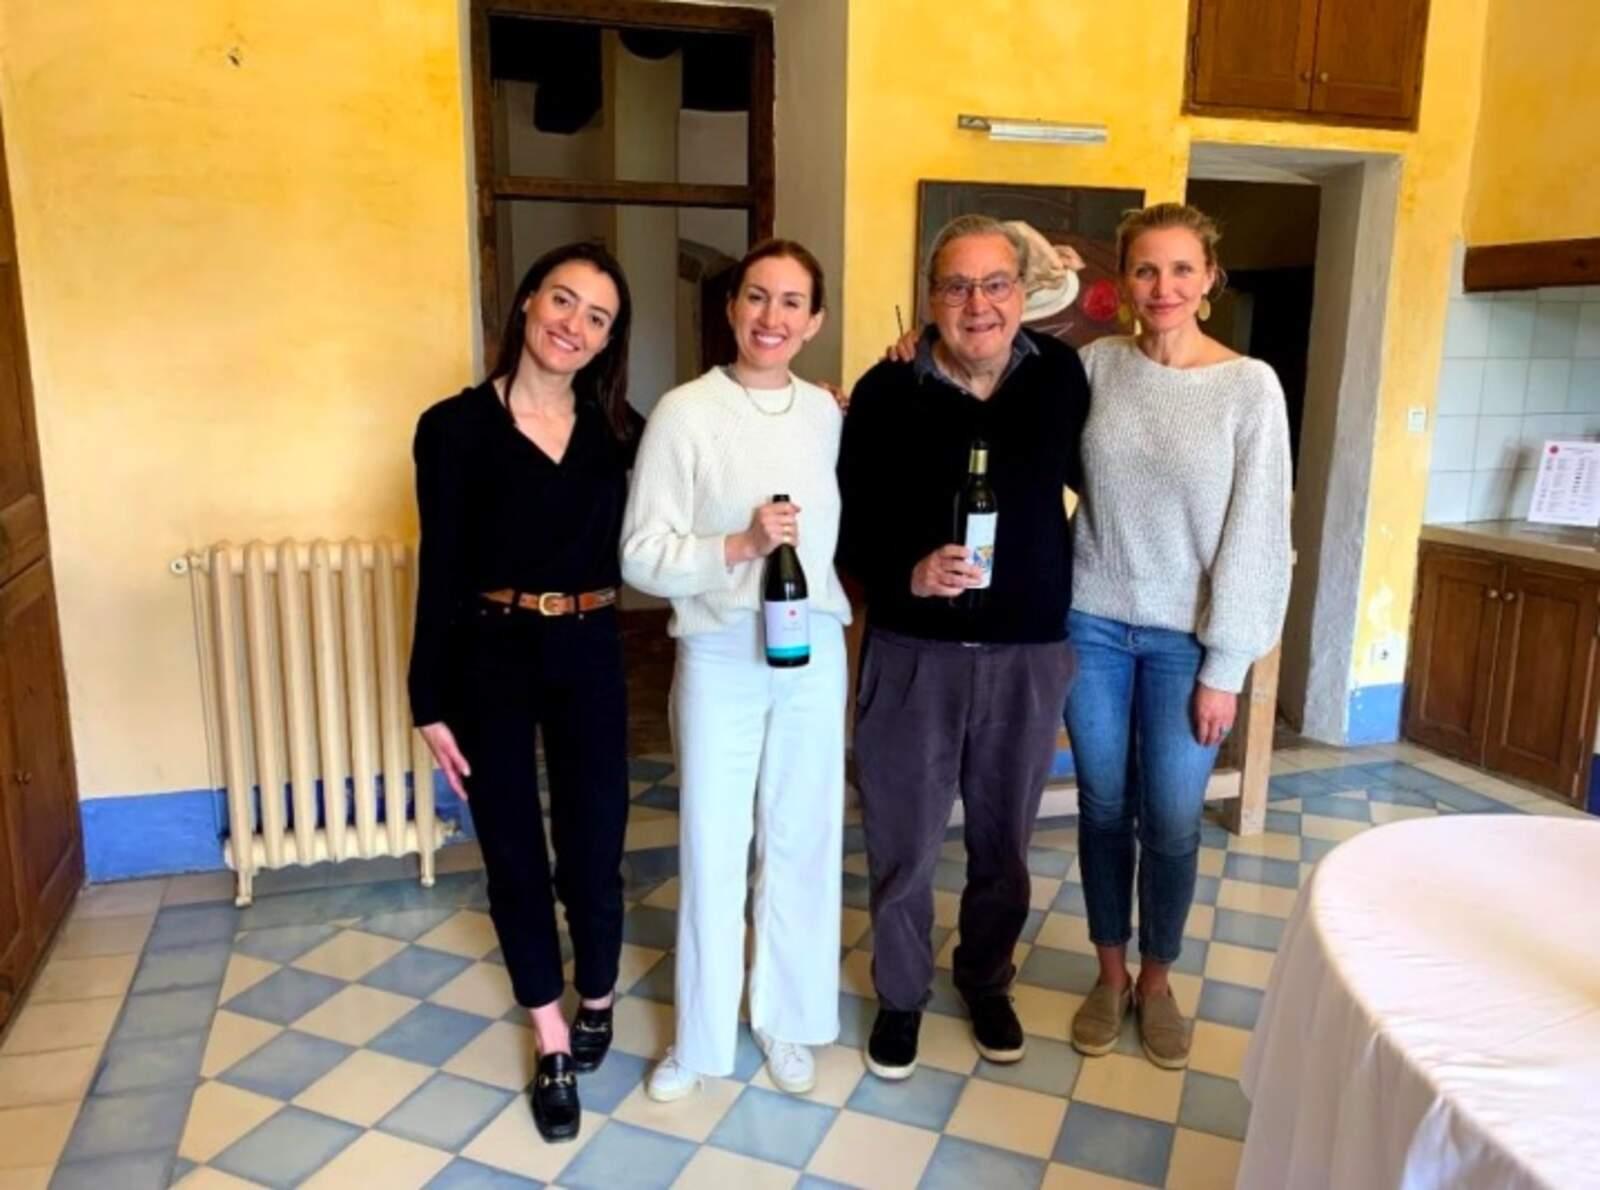 Alexandra Manovel, responsable d'exportació del celler, Katherine Power, Carlos Esteva i Cameron Diaz a Can Ràfols dels Caus